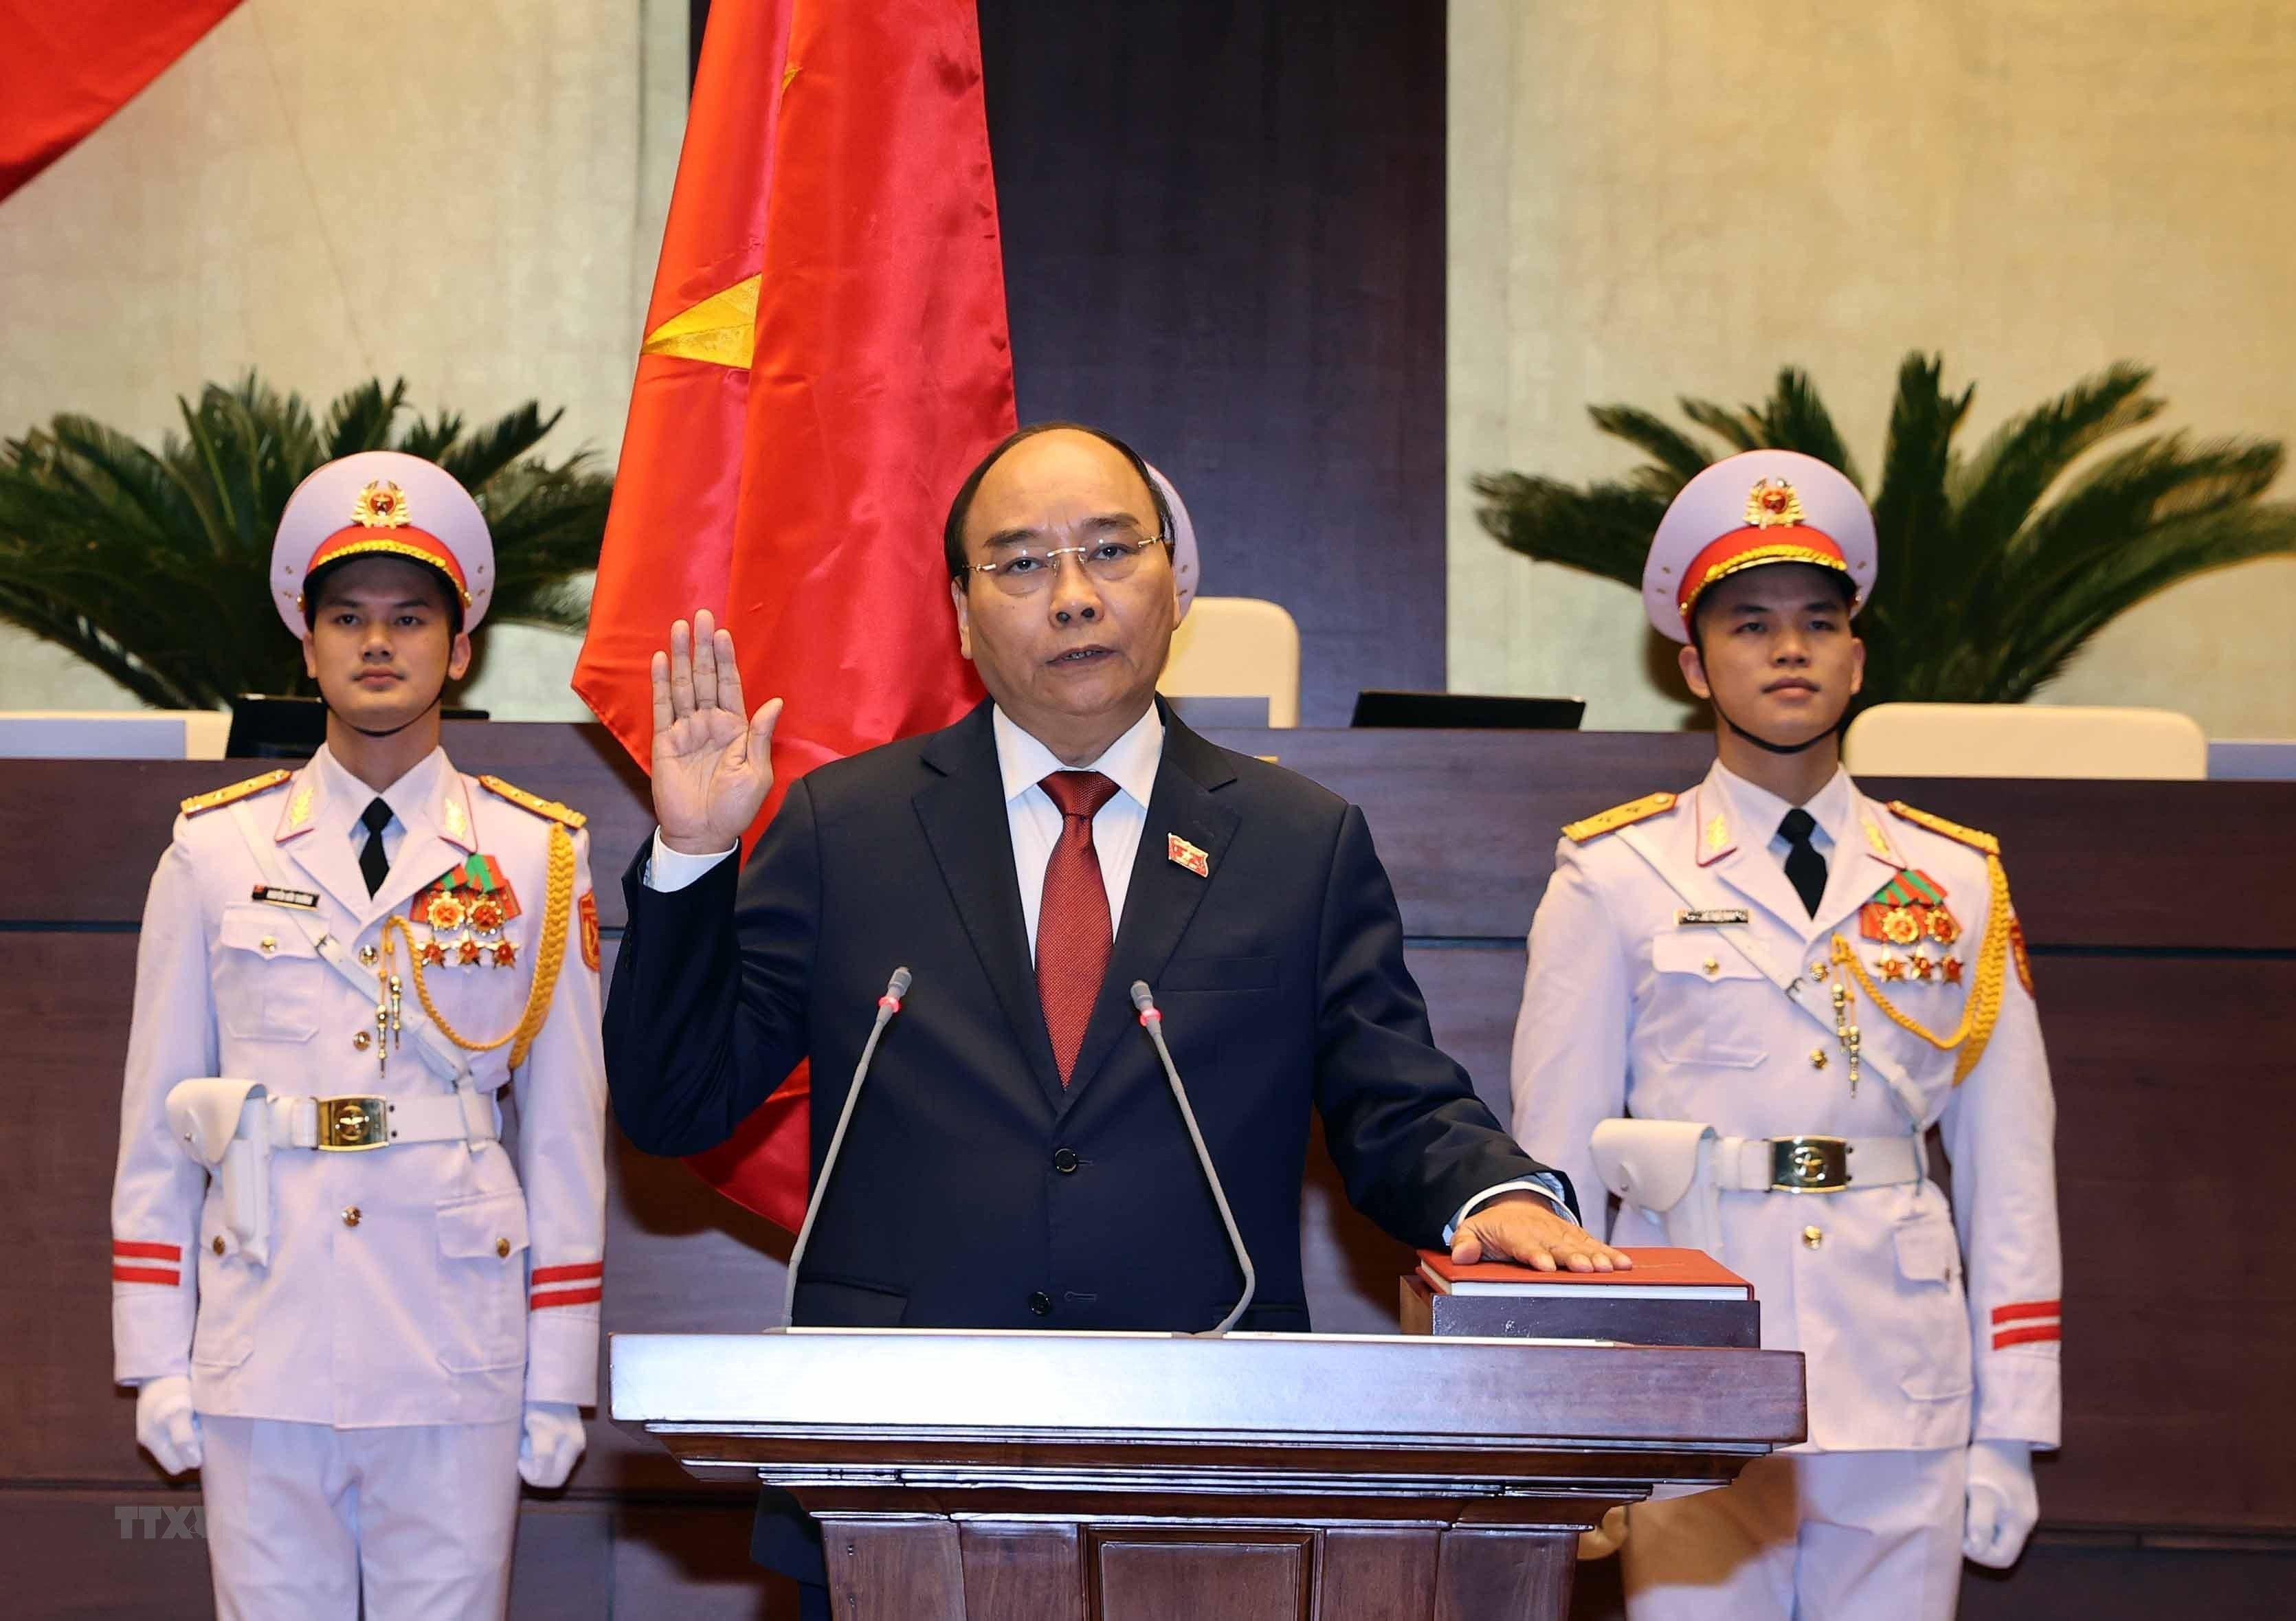 Toan van phat bieu nham chuc cua Chu tich nuoc Nguyen Xuan Phuc hinh anh 1